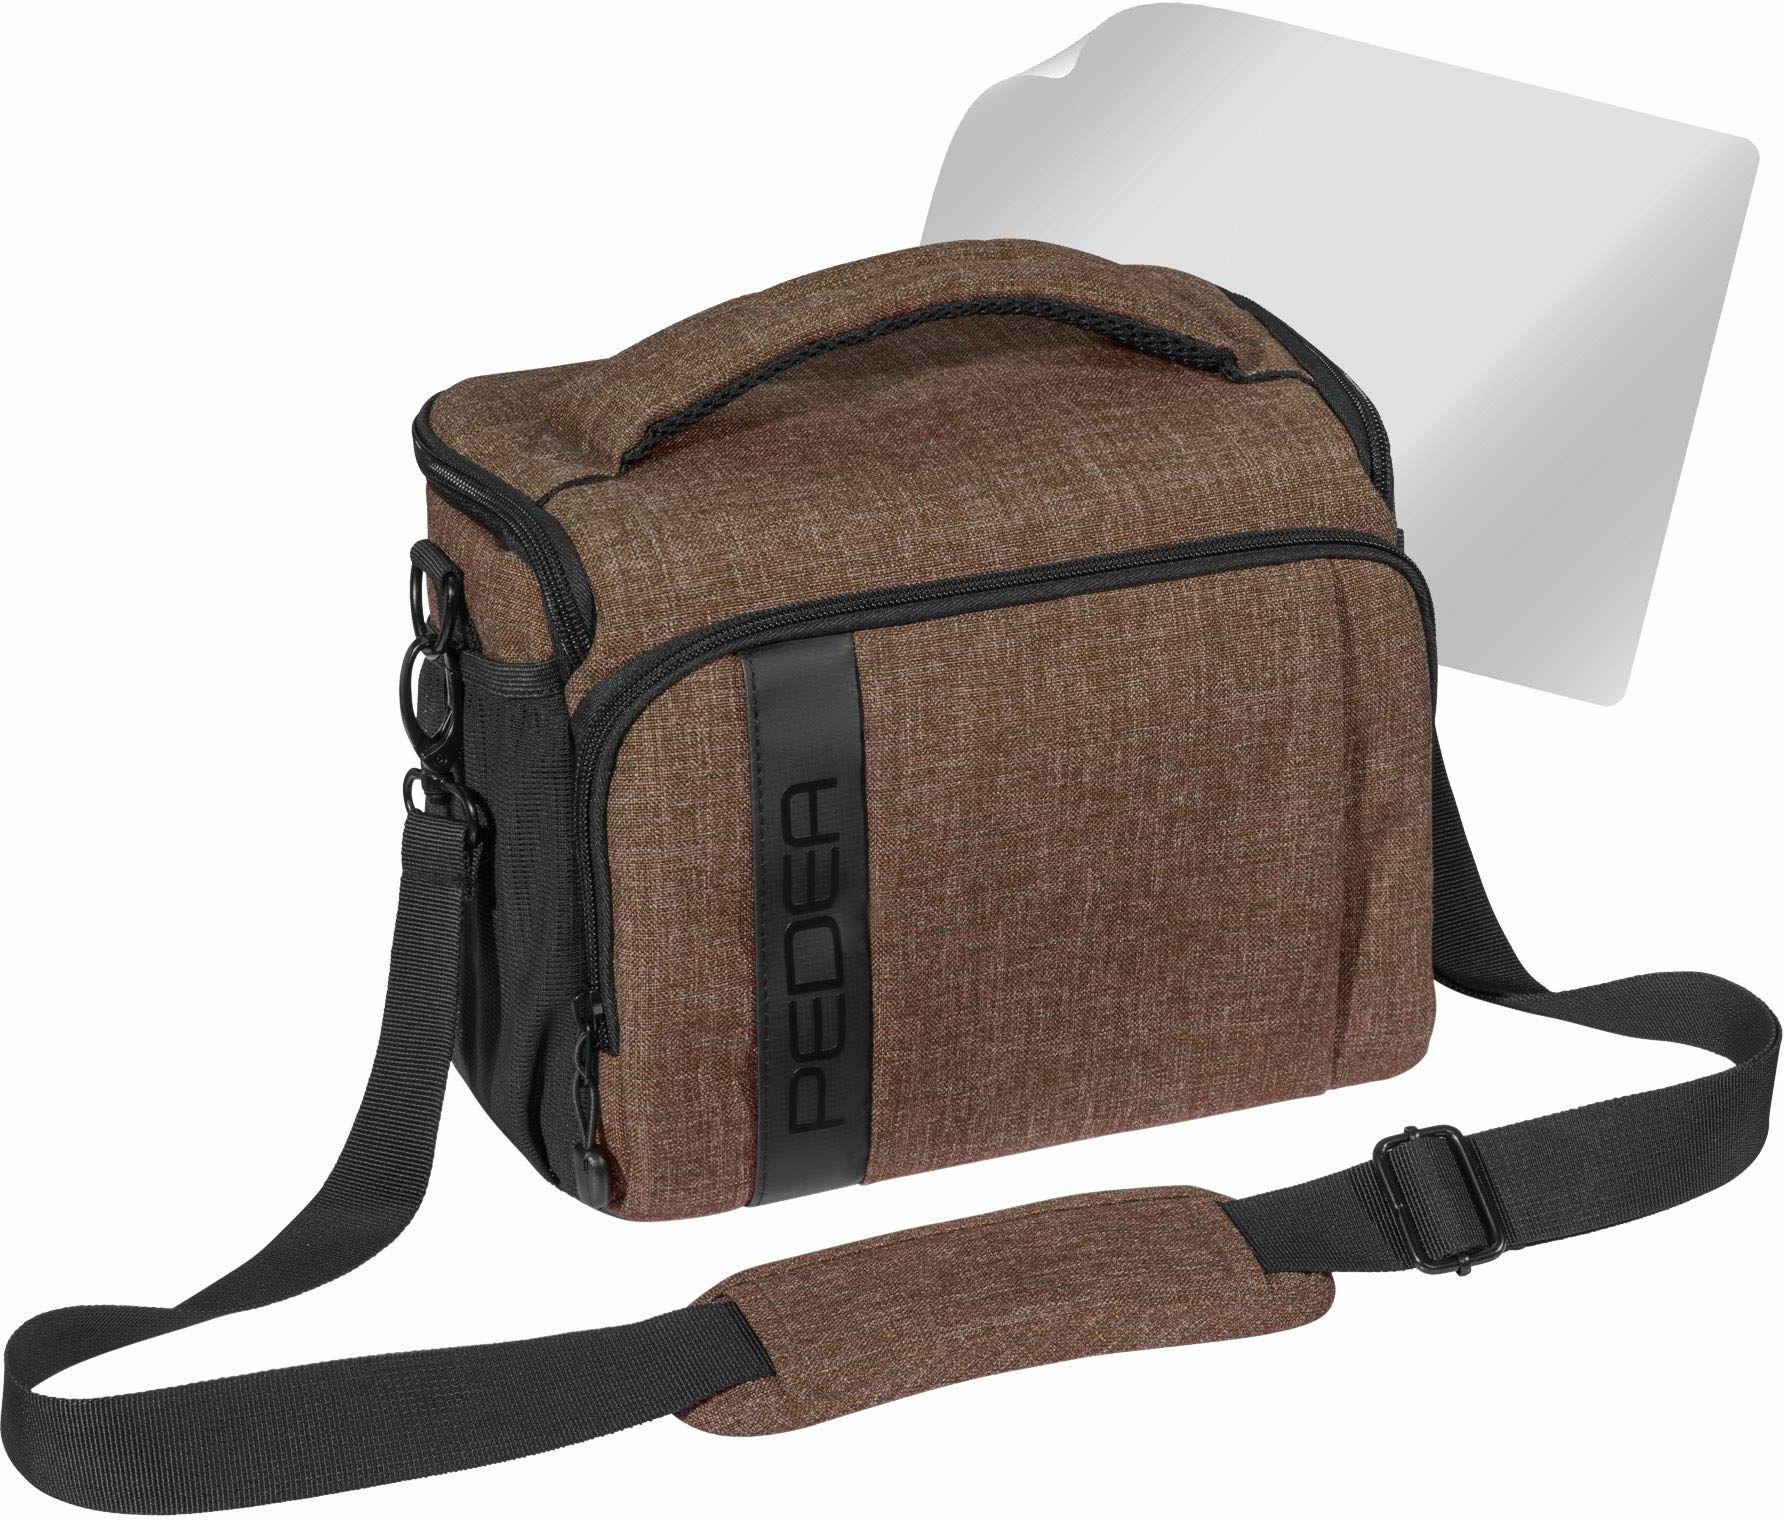 """PEDEA DSLR torba na aparat """"Fashion"""" z folią ochronną na wyświetlacz do Canon EOS 5D Mark II 400D 2000D / Nikon D60 D80 D90 D3100 D3200 D3300 D3400 D5300 D7100 / Pentax K 50 K 500, rozm. XL brązowy"""